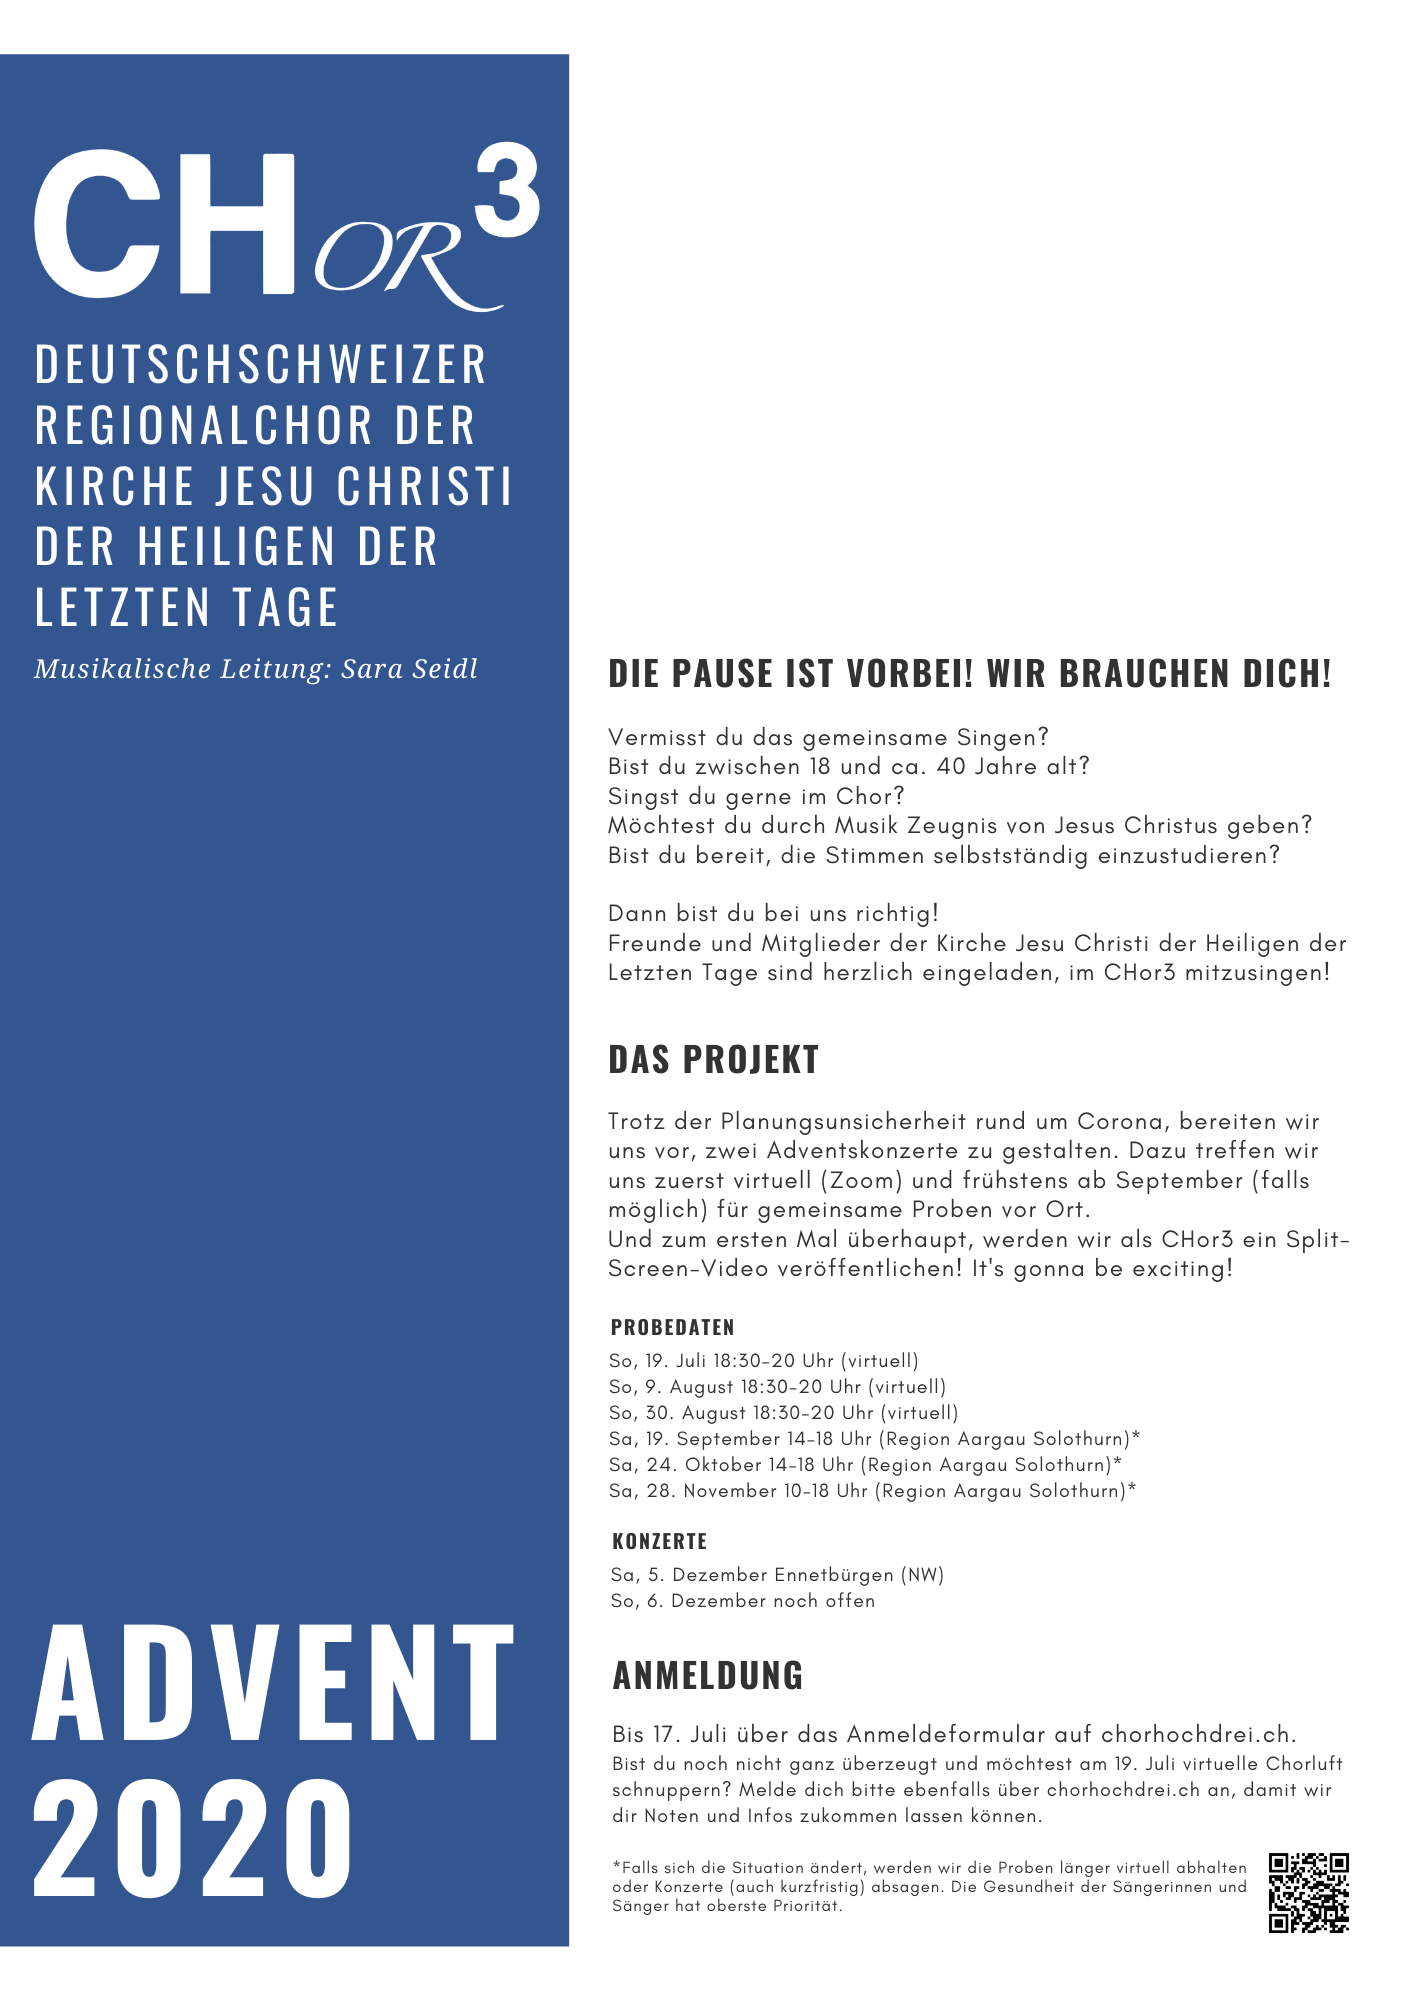 CHor3 Projektausschreibung Advent 2020_fr Sngerpng